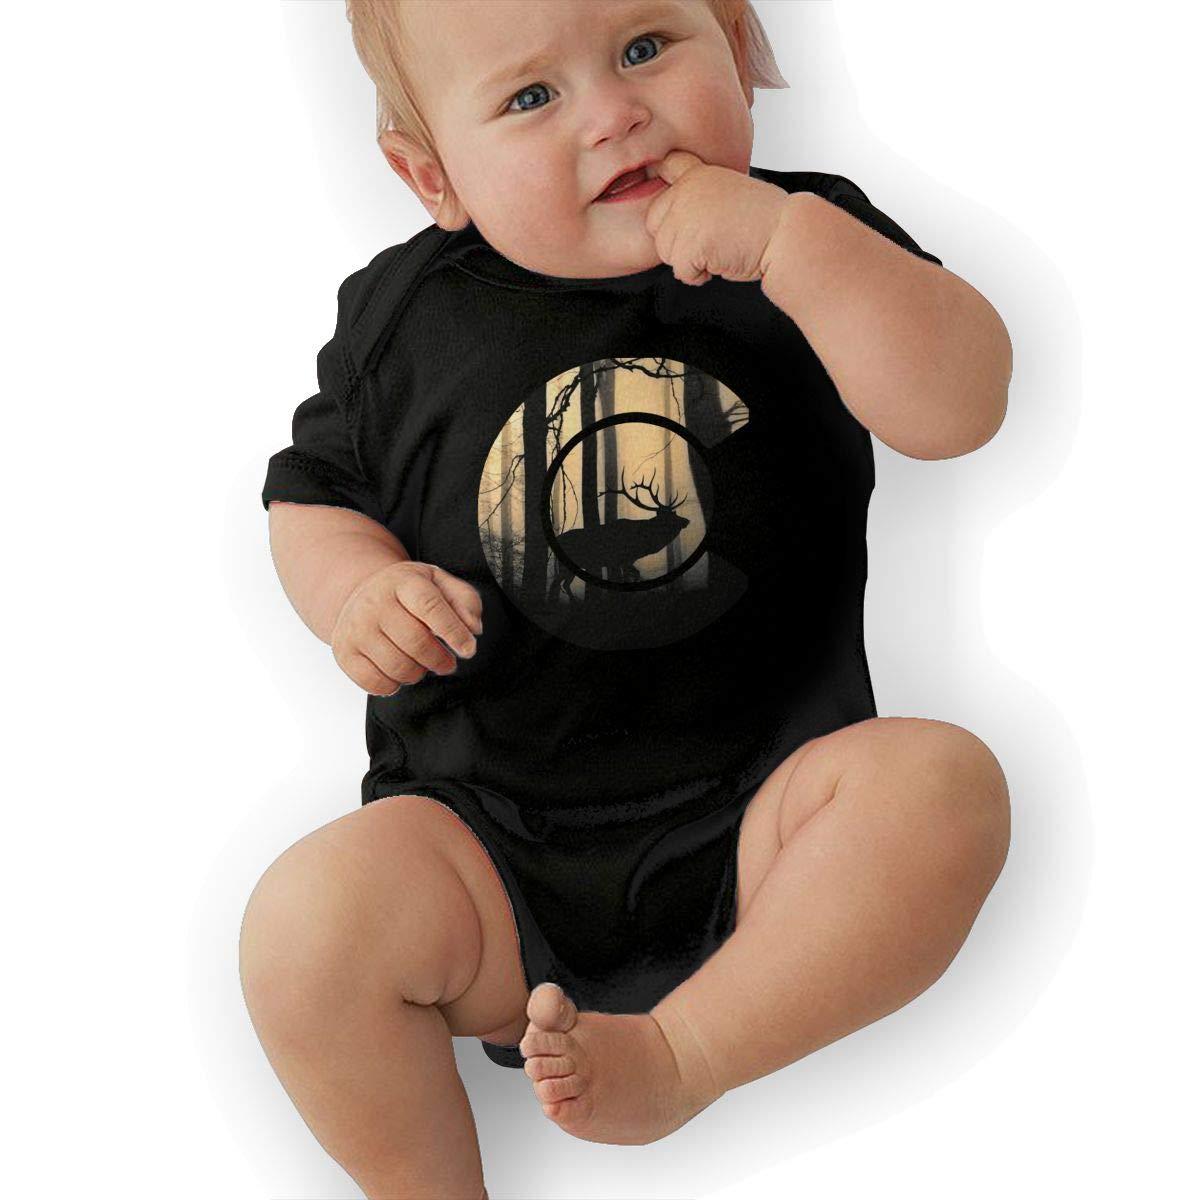 BONLOR Colorful Colorado Flag Baby Boys Girls Jumpsuits Short Sleeve Romper Bodysuit Bodysuit Jumpsuit Outfits Black